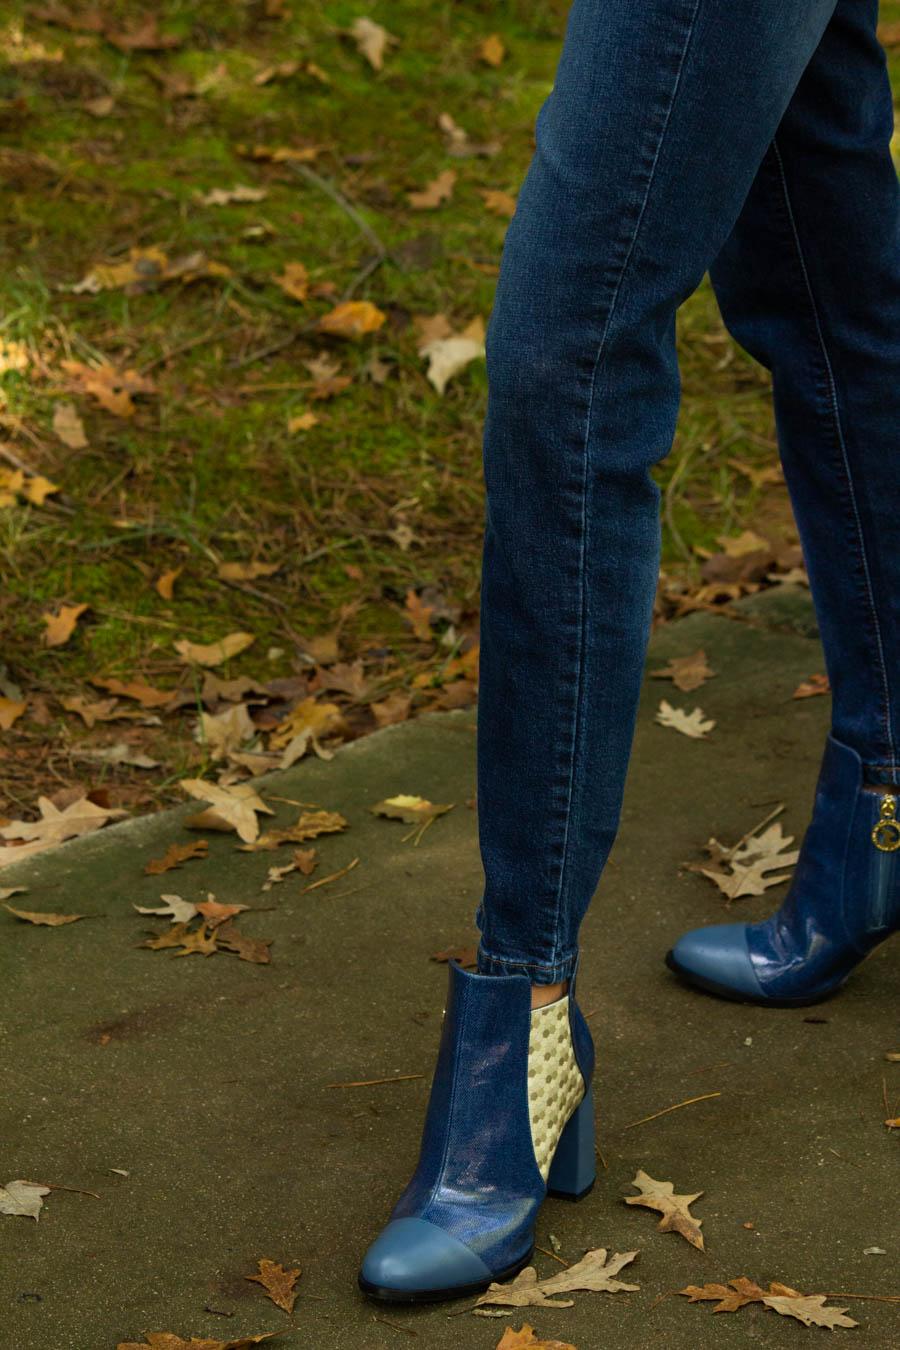 moon d'elle Luxury Italian boots with straight leg jeans